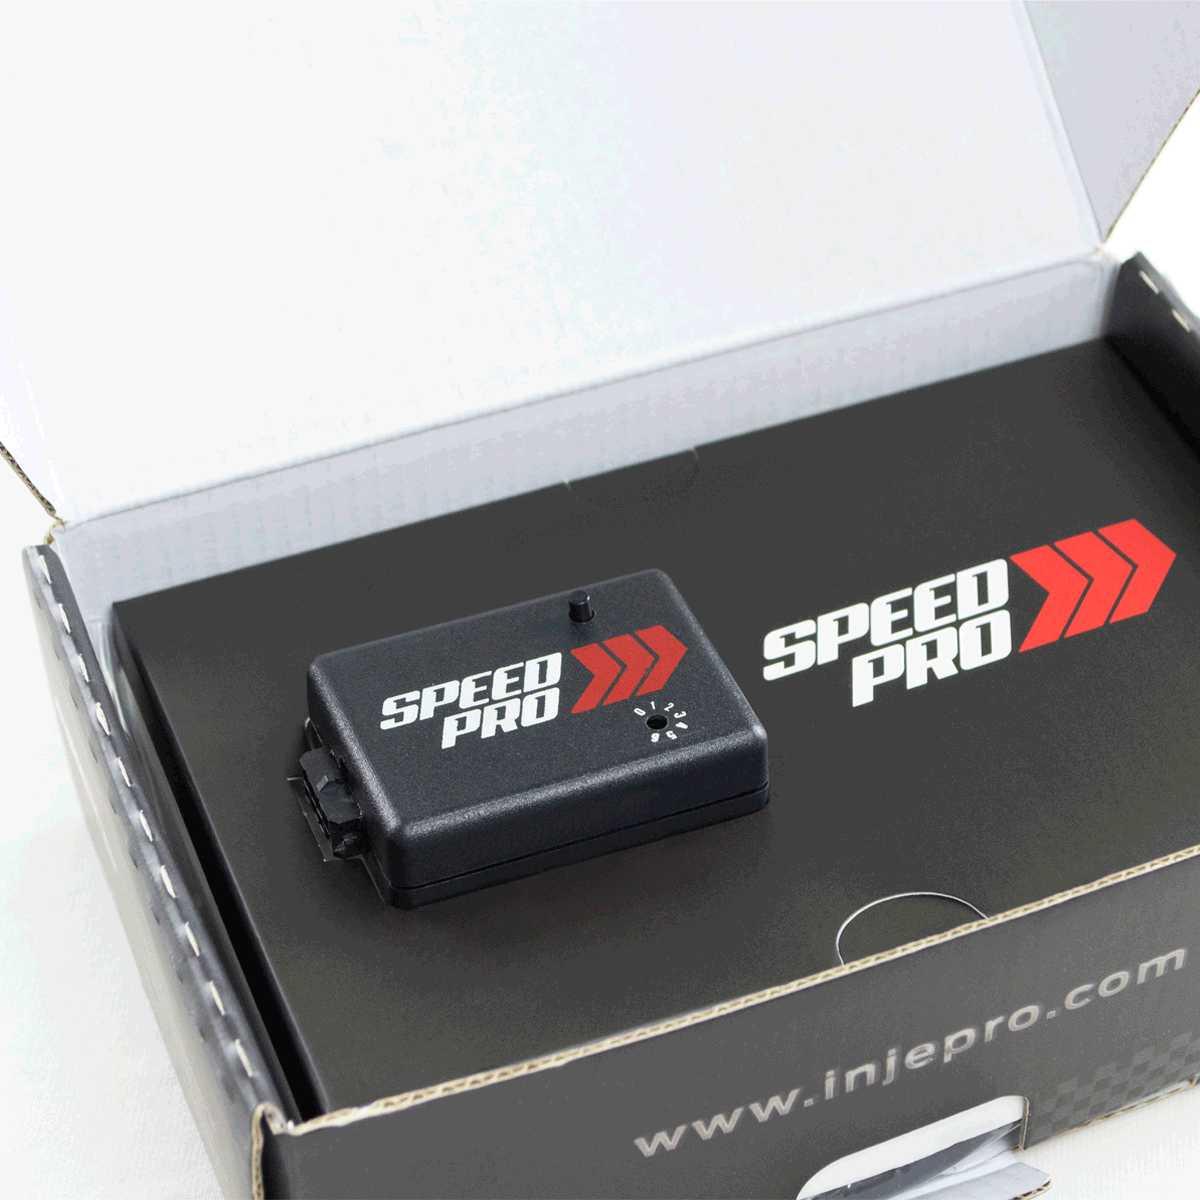 Chip De Potência Para Pedal Speedpro Para Mitsubishi L200